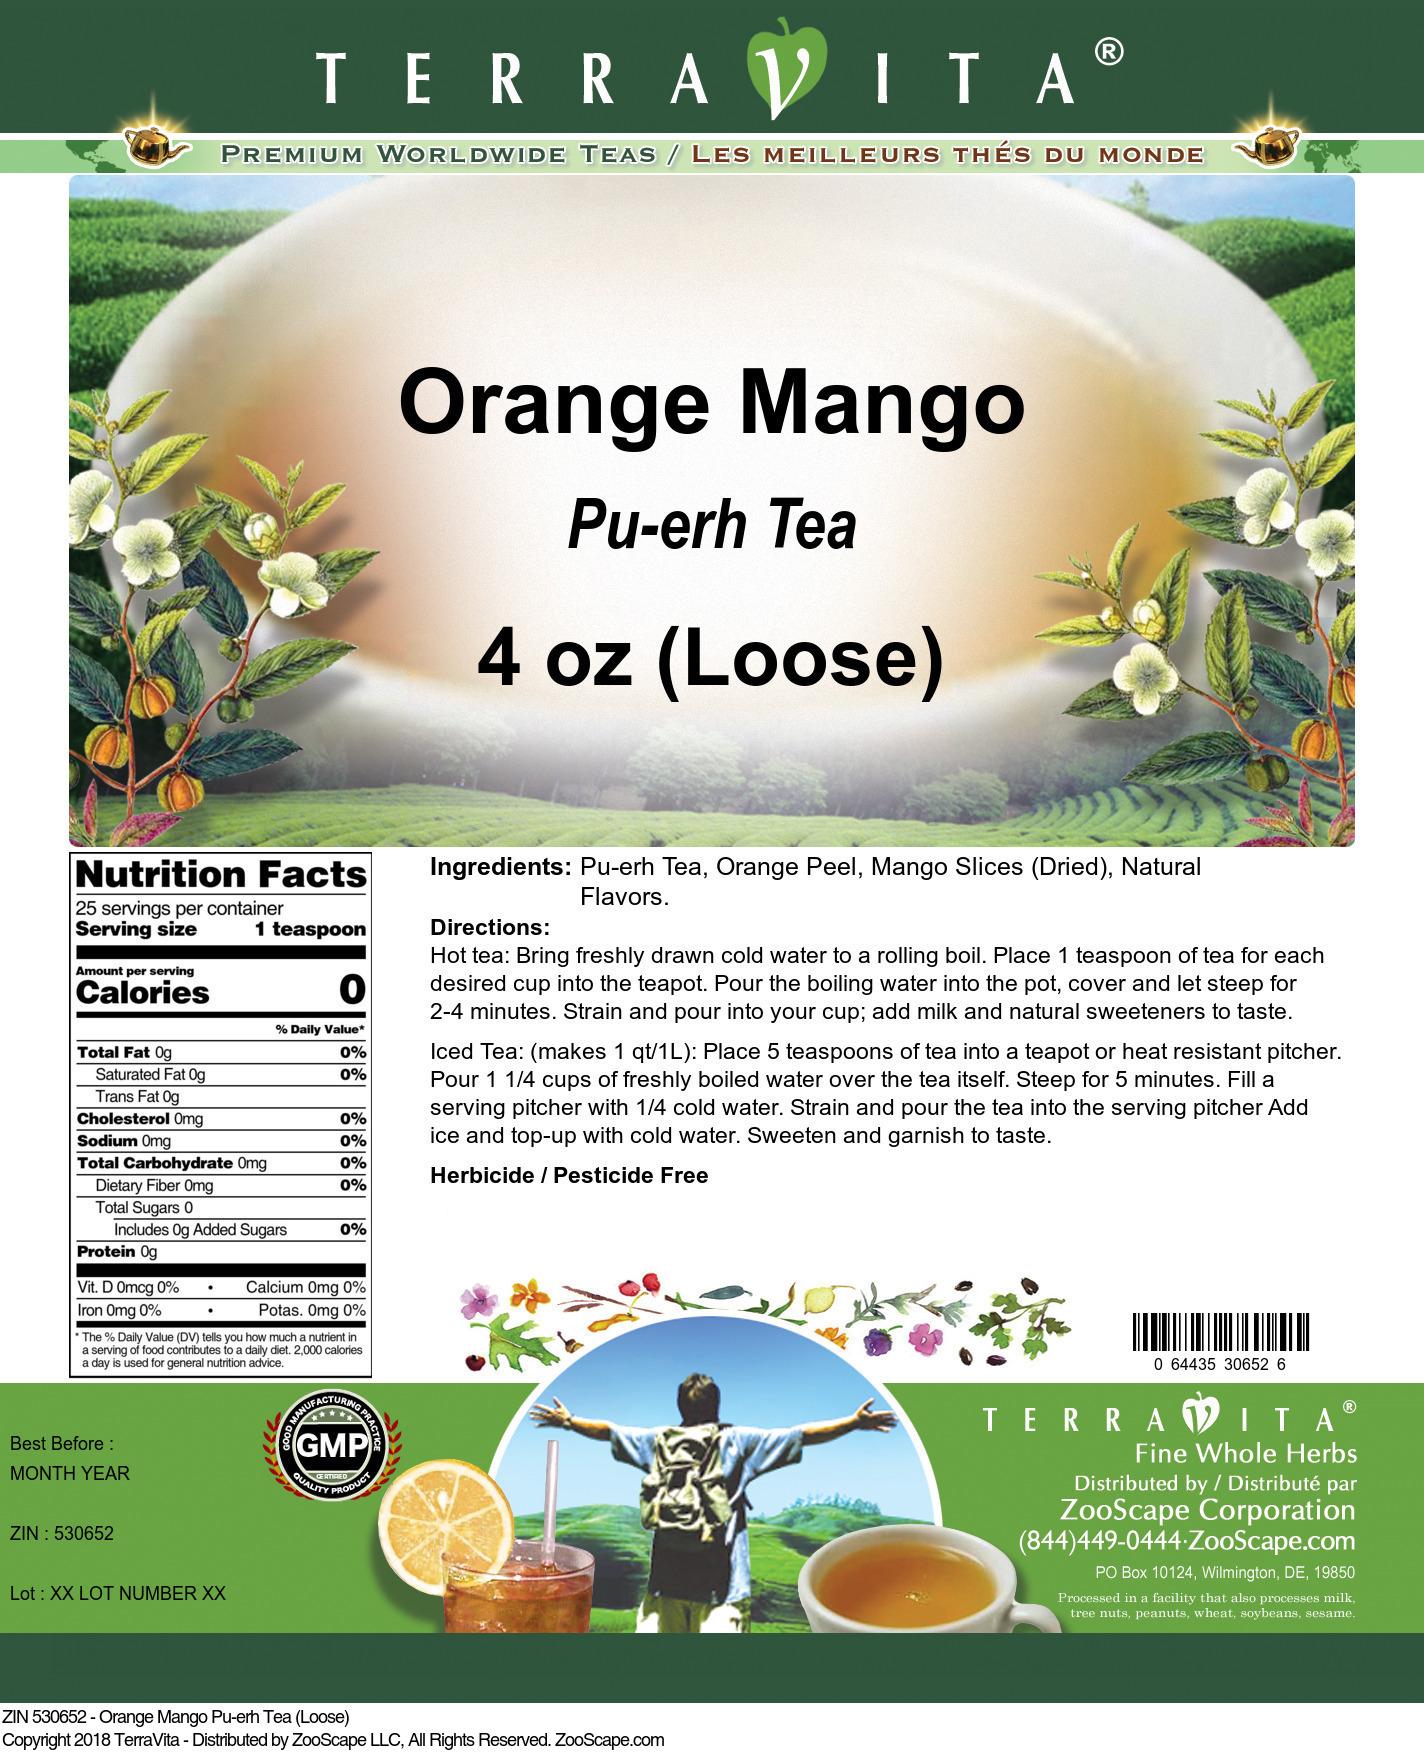 Orange Mango Pu-erh Tea (Loose)